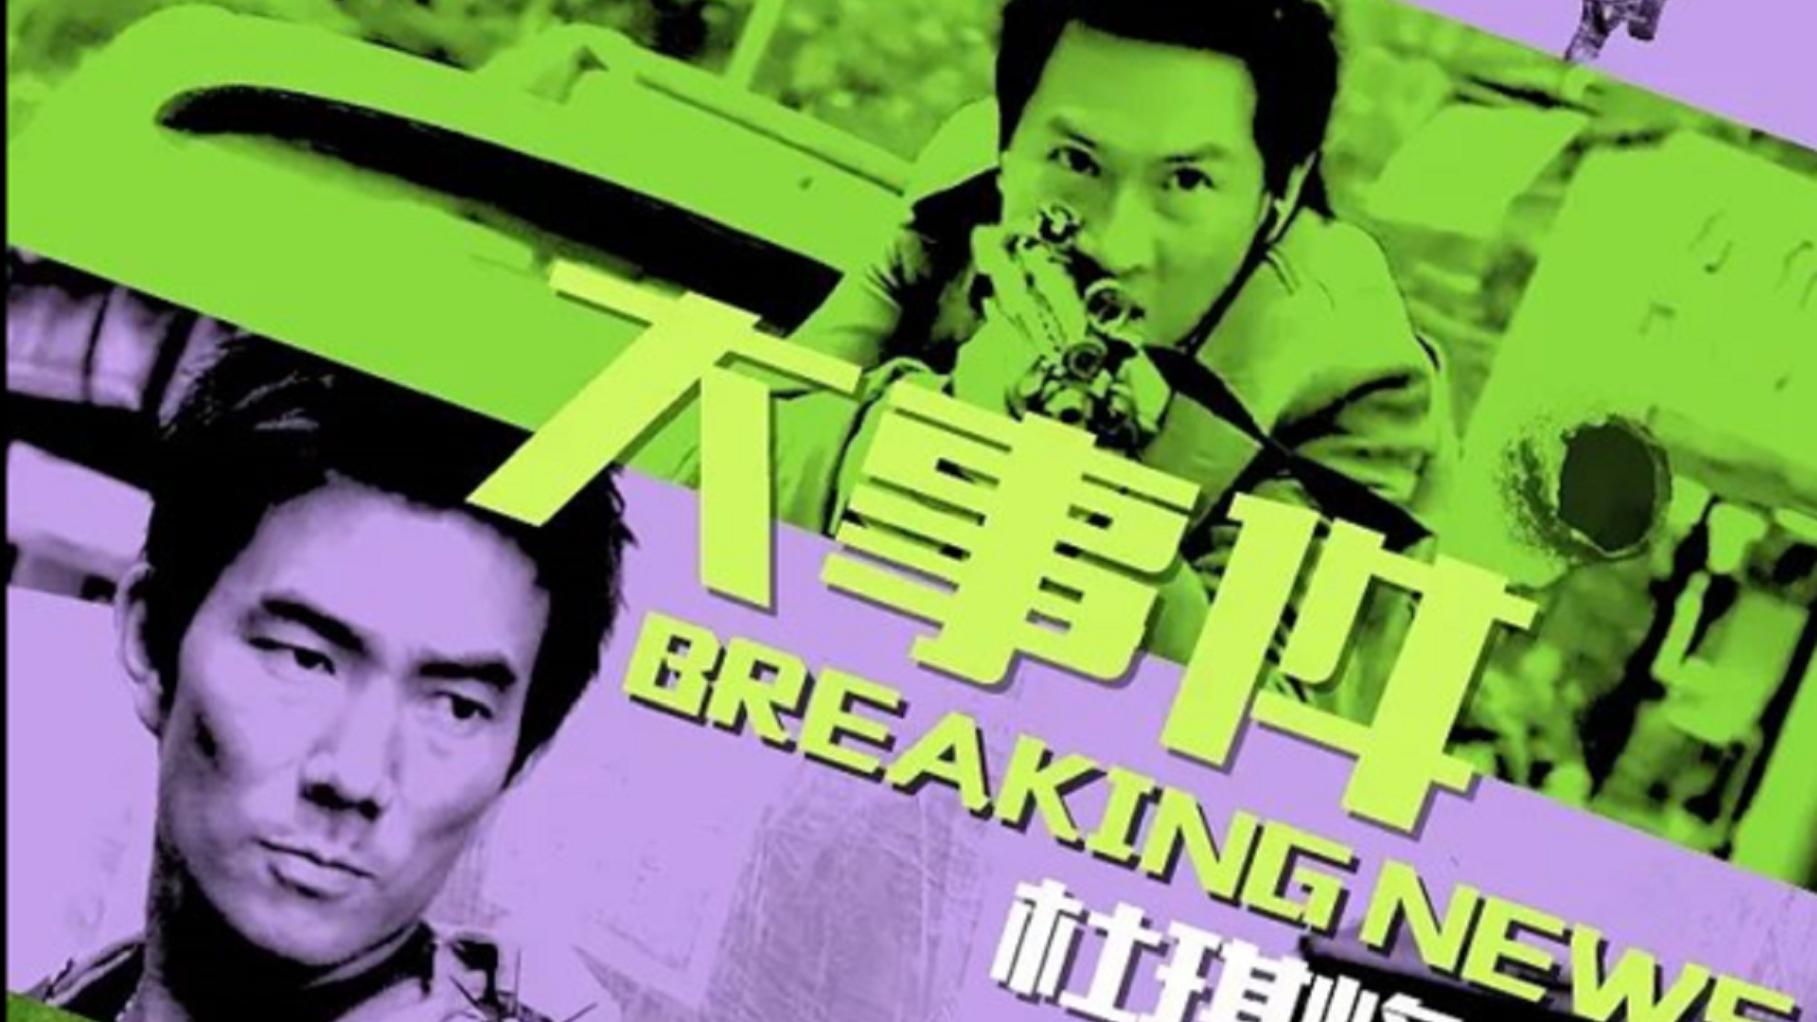 600万观众的直播抓捕秀《大事件》警察对悍匪,看香港警队如何化解危机!!!